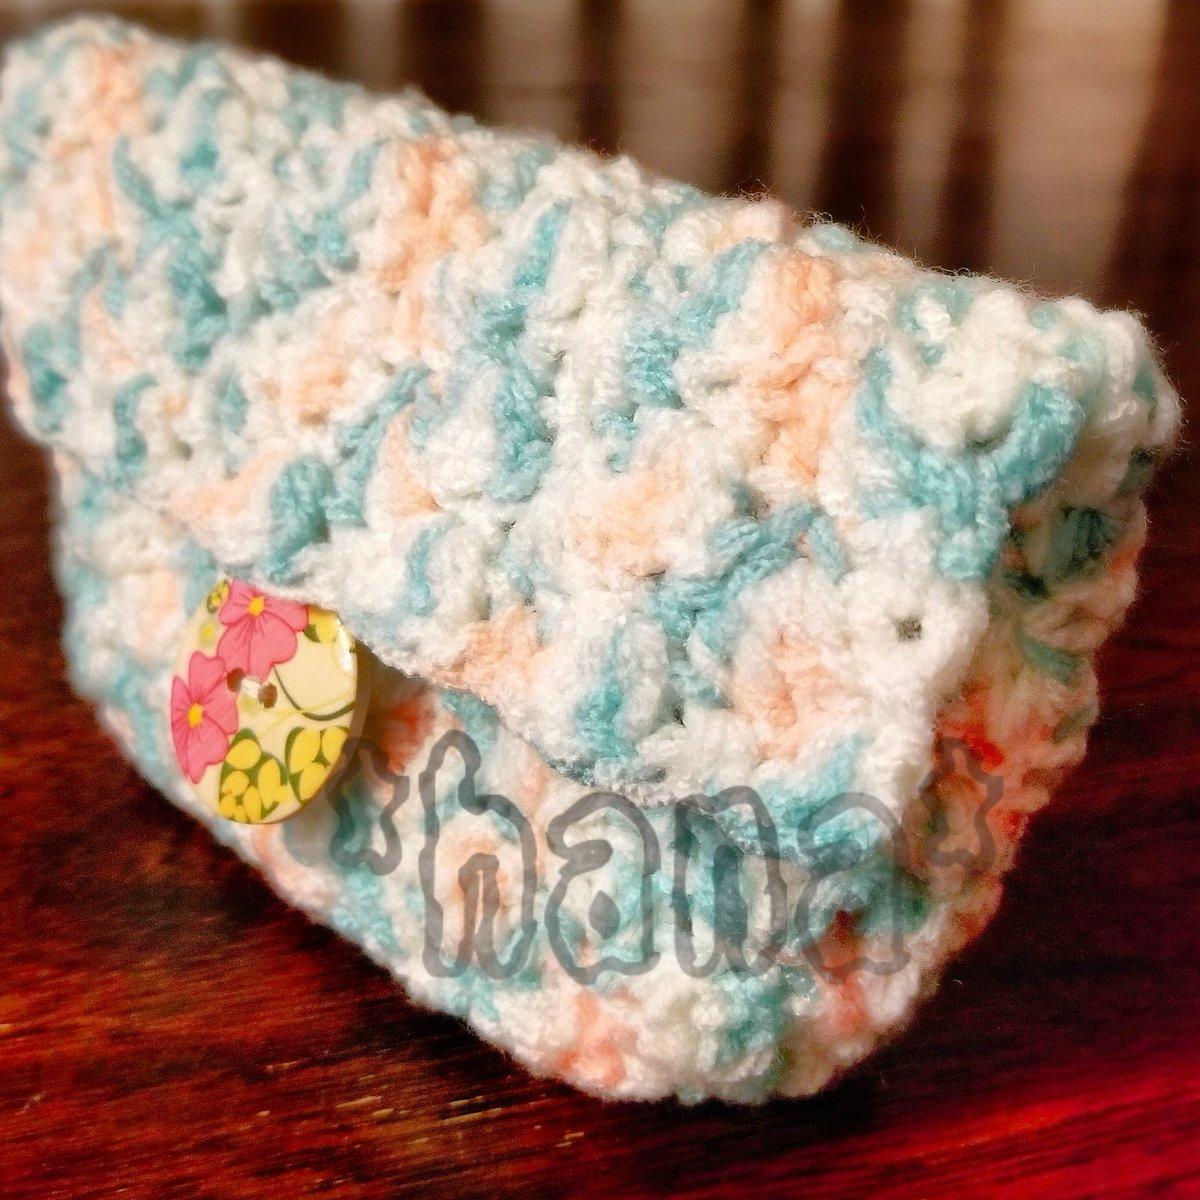 test ツイッターメディア - ダイソーのカラフルヤーン チェリーミント ひと玉でポーチを編みました💃 細編みと長編みの組み合わせでできる模様で、歪まないように往復編みで編み進めたら綺麗に形が整いました🥰 #かぎ針編み #ダイソー #カラフルヤーン  #crochet https://t.co/hvFpw8dwA4